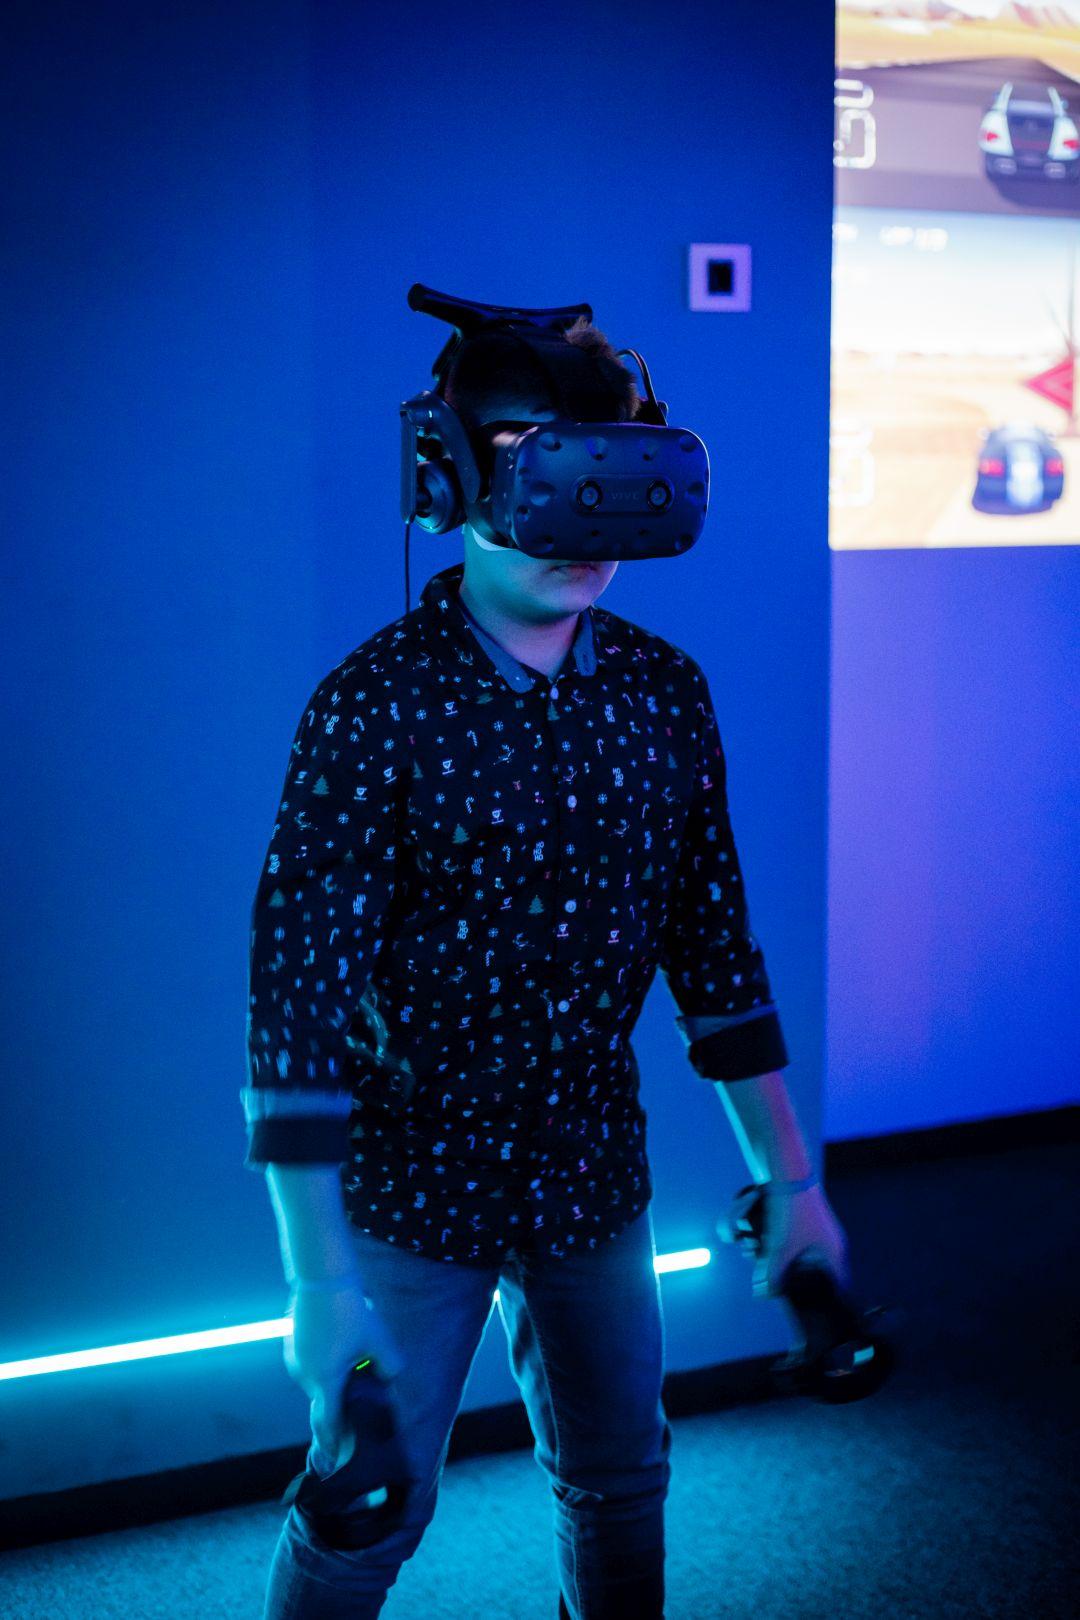 Rodjendan-Proslava-vr-virtualna realnost